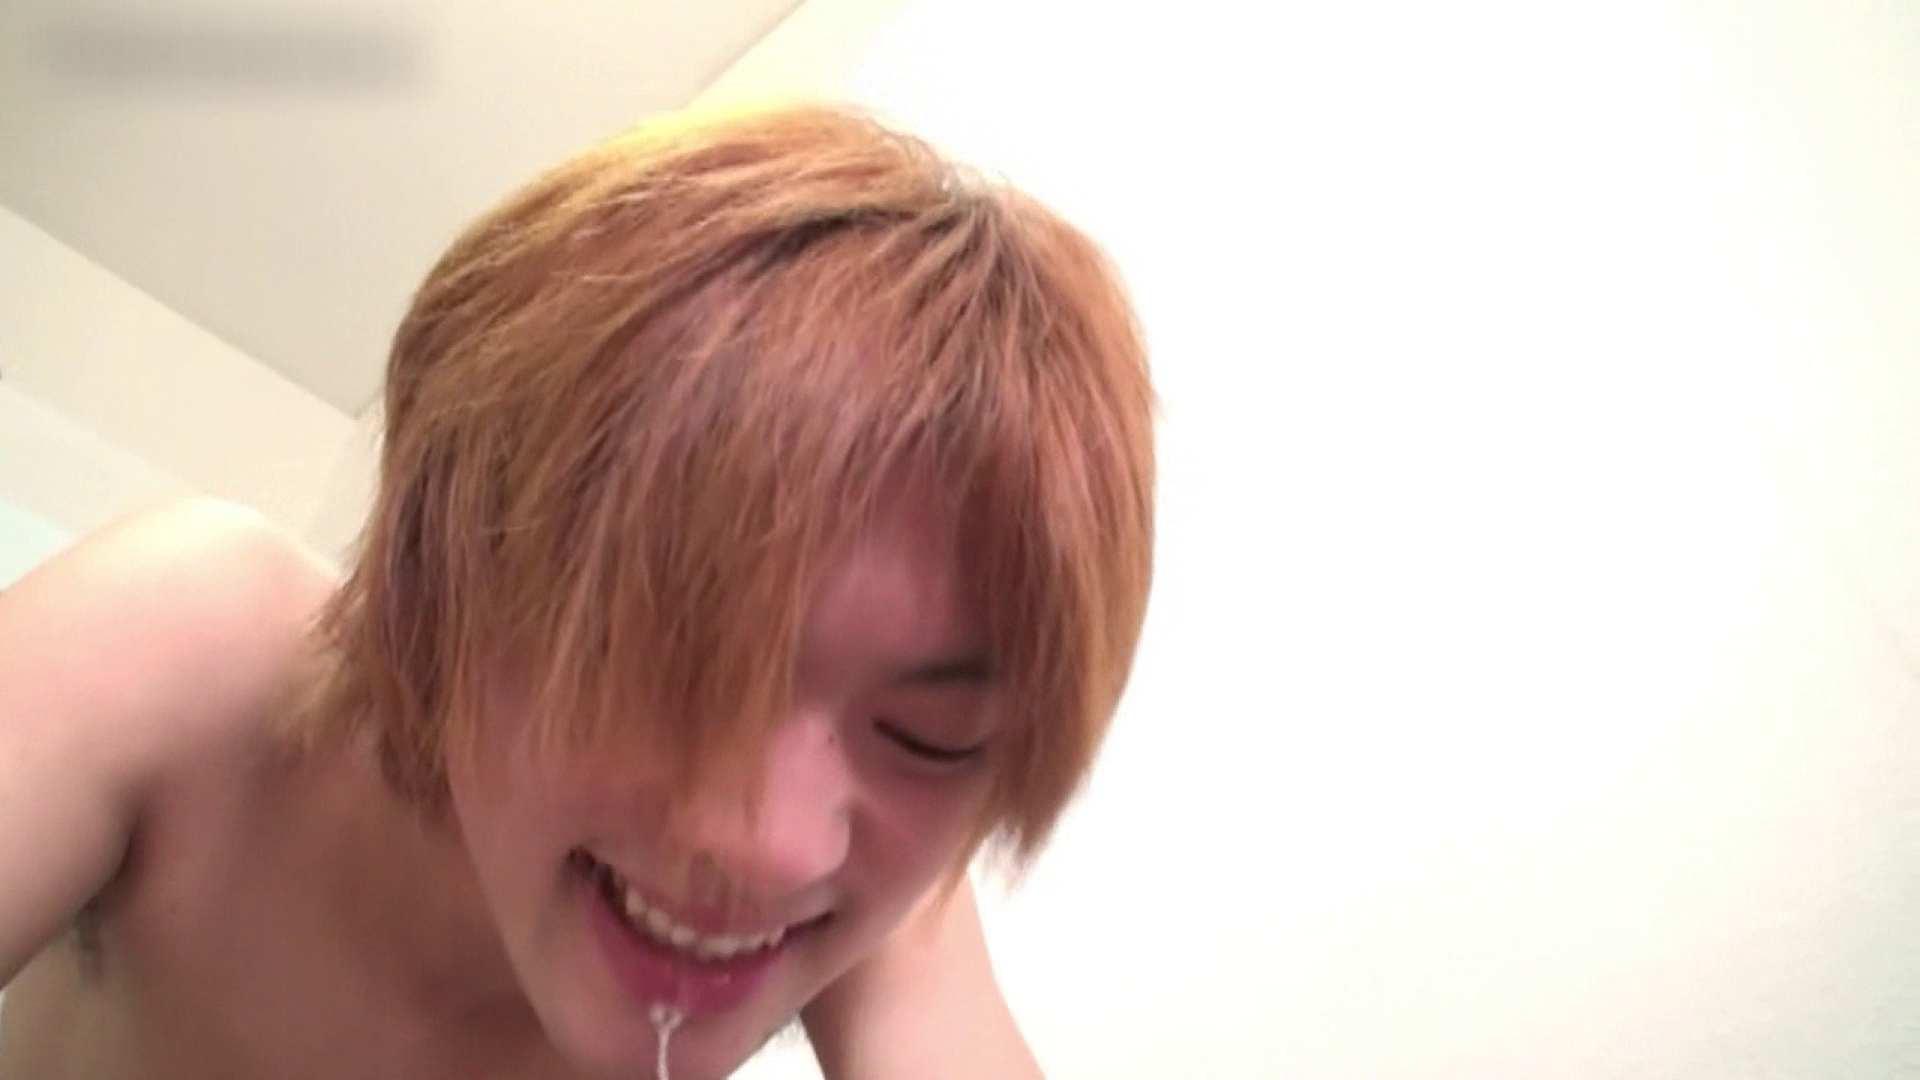 ヤリヤリ野郎共倶楽部vol.5後編 男パラダイス ゲイ無修正動画画像 14画像 4